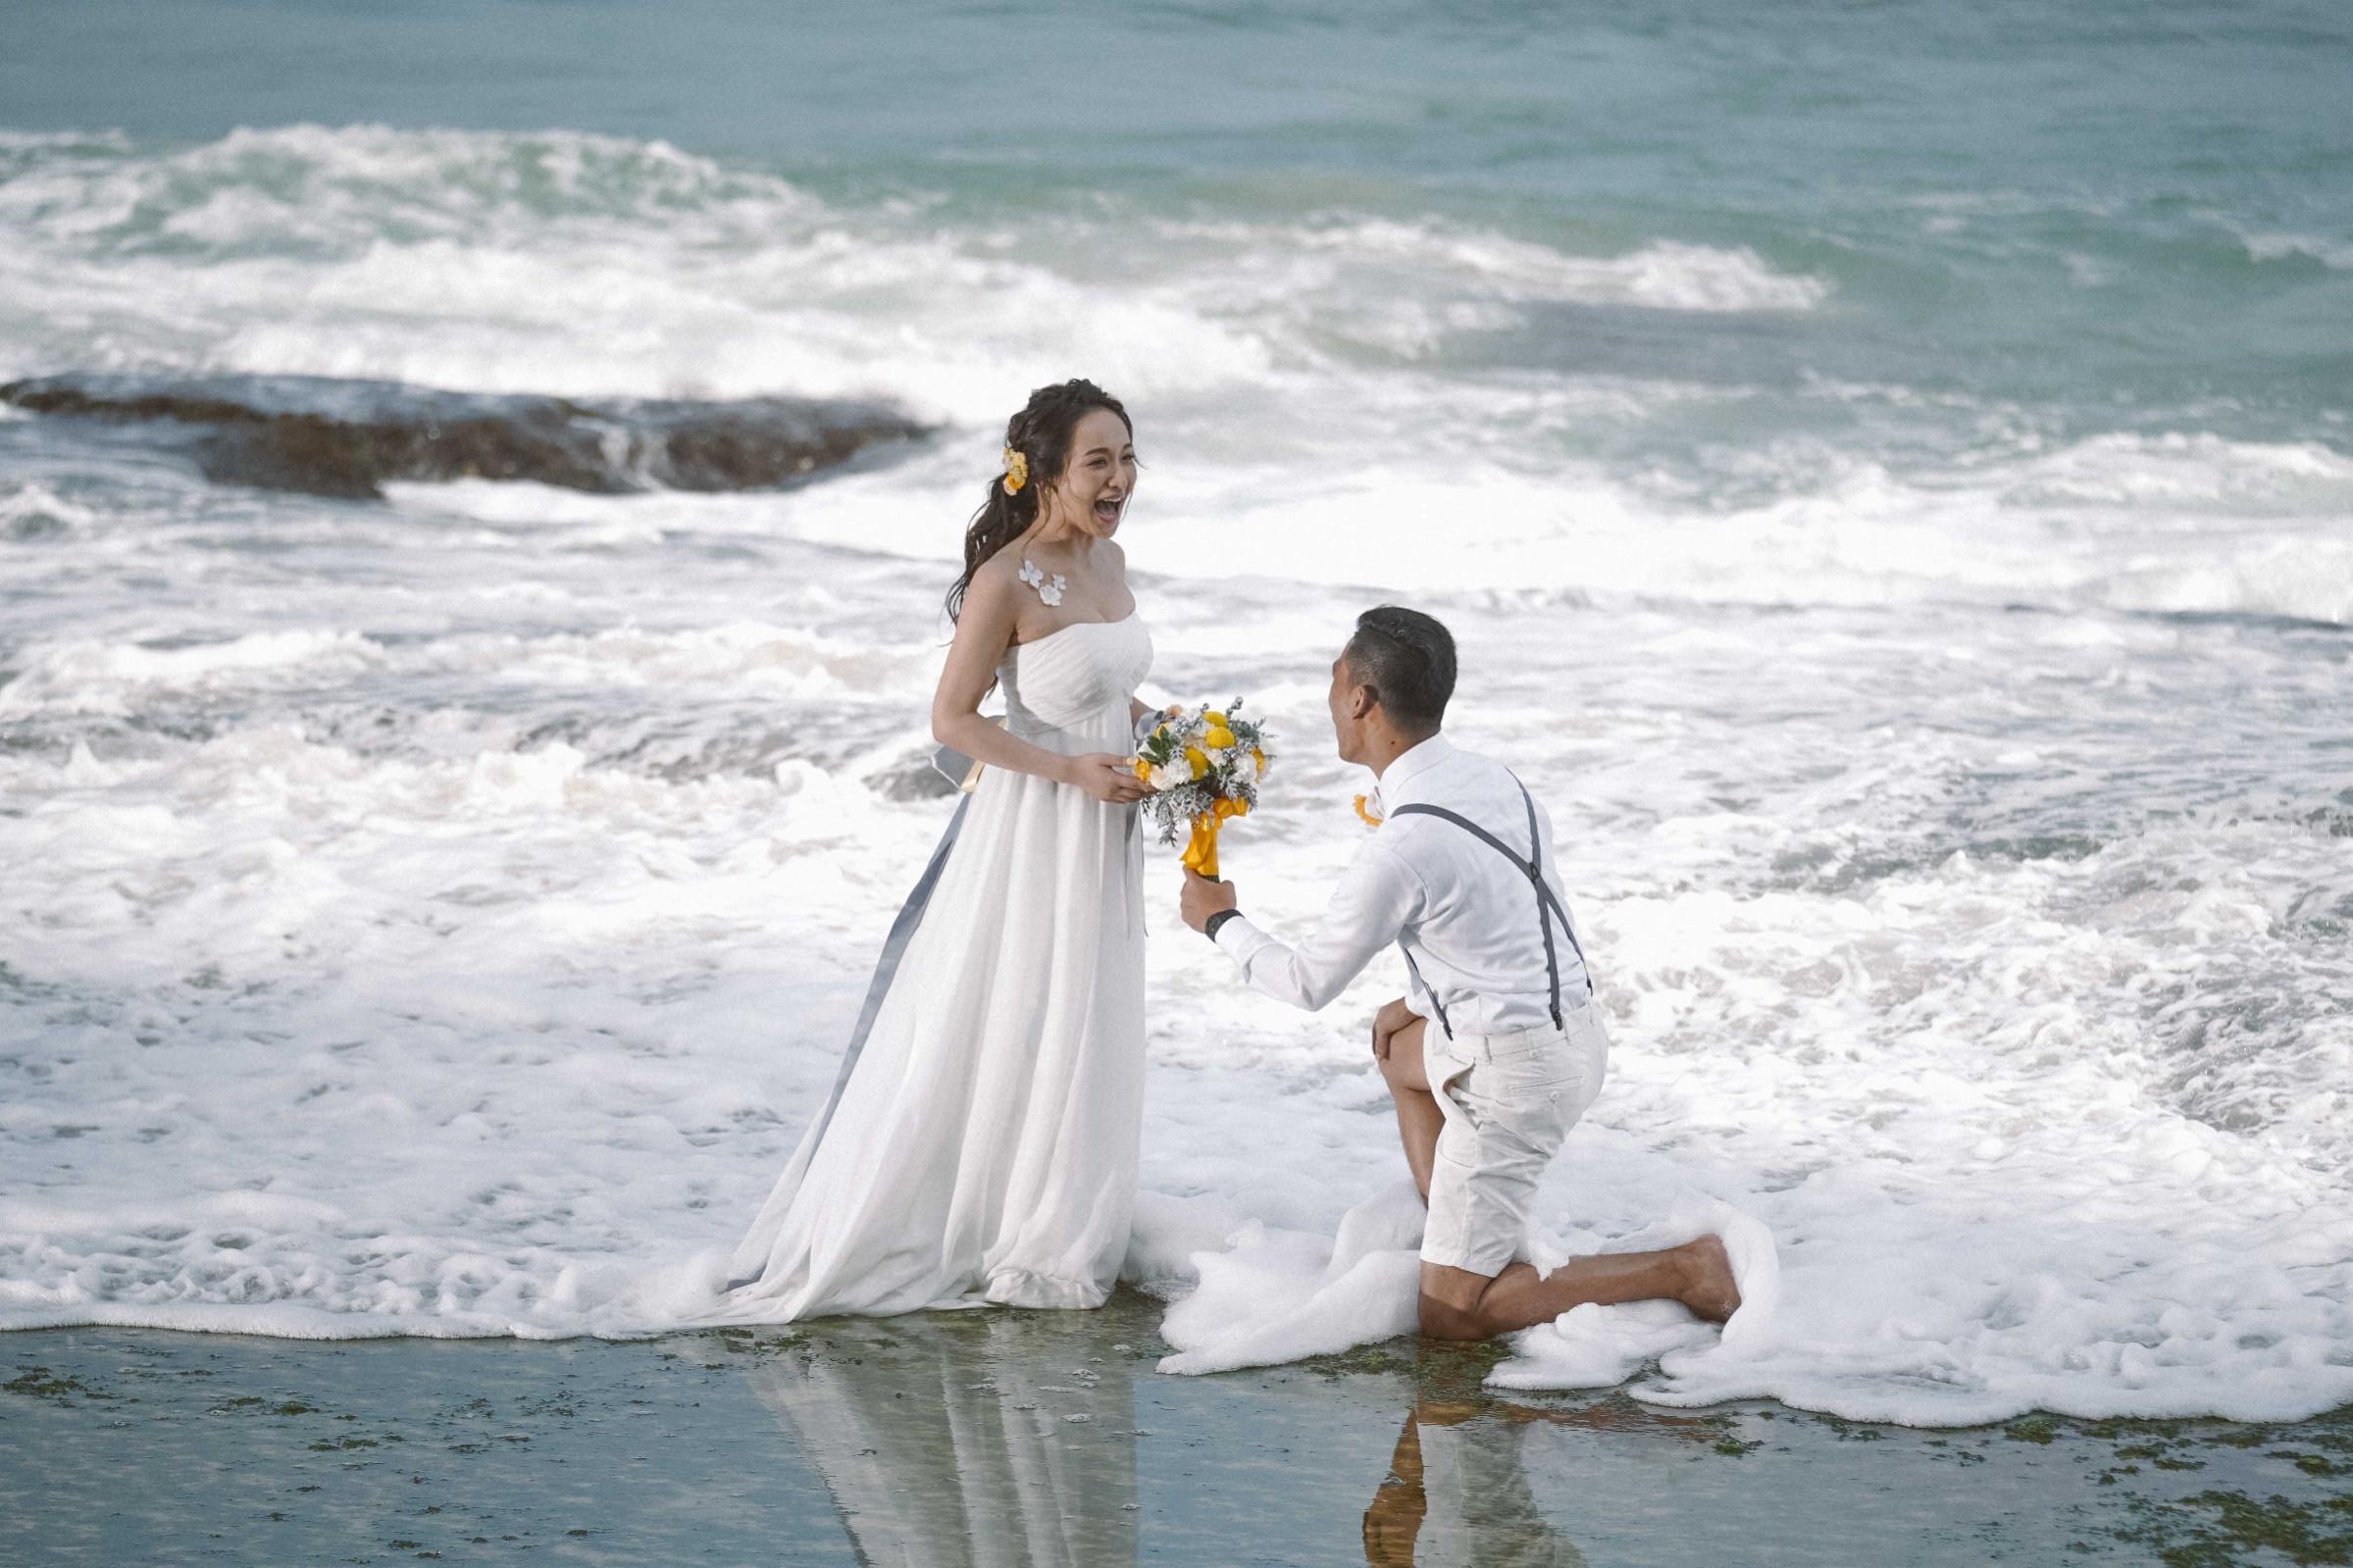 Deluxe Pre Wedding Photo